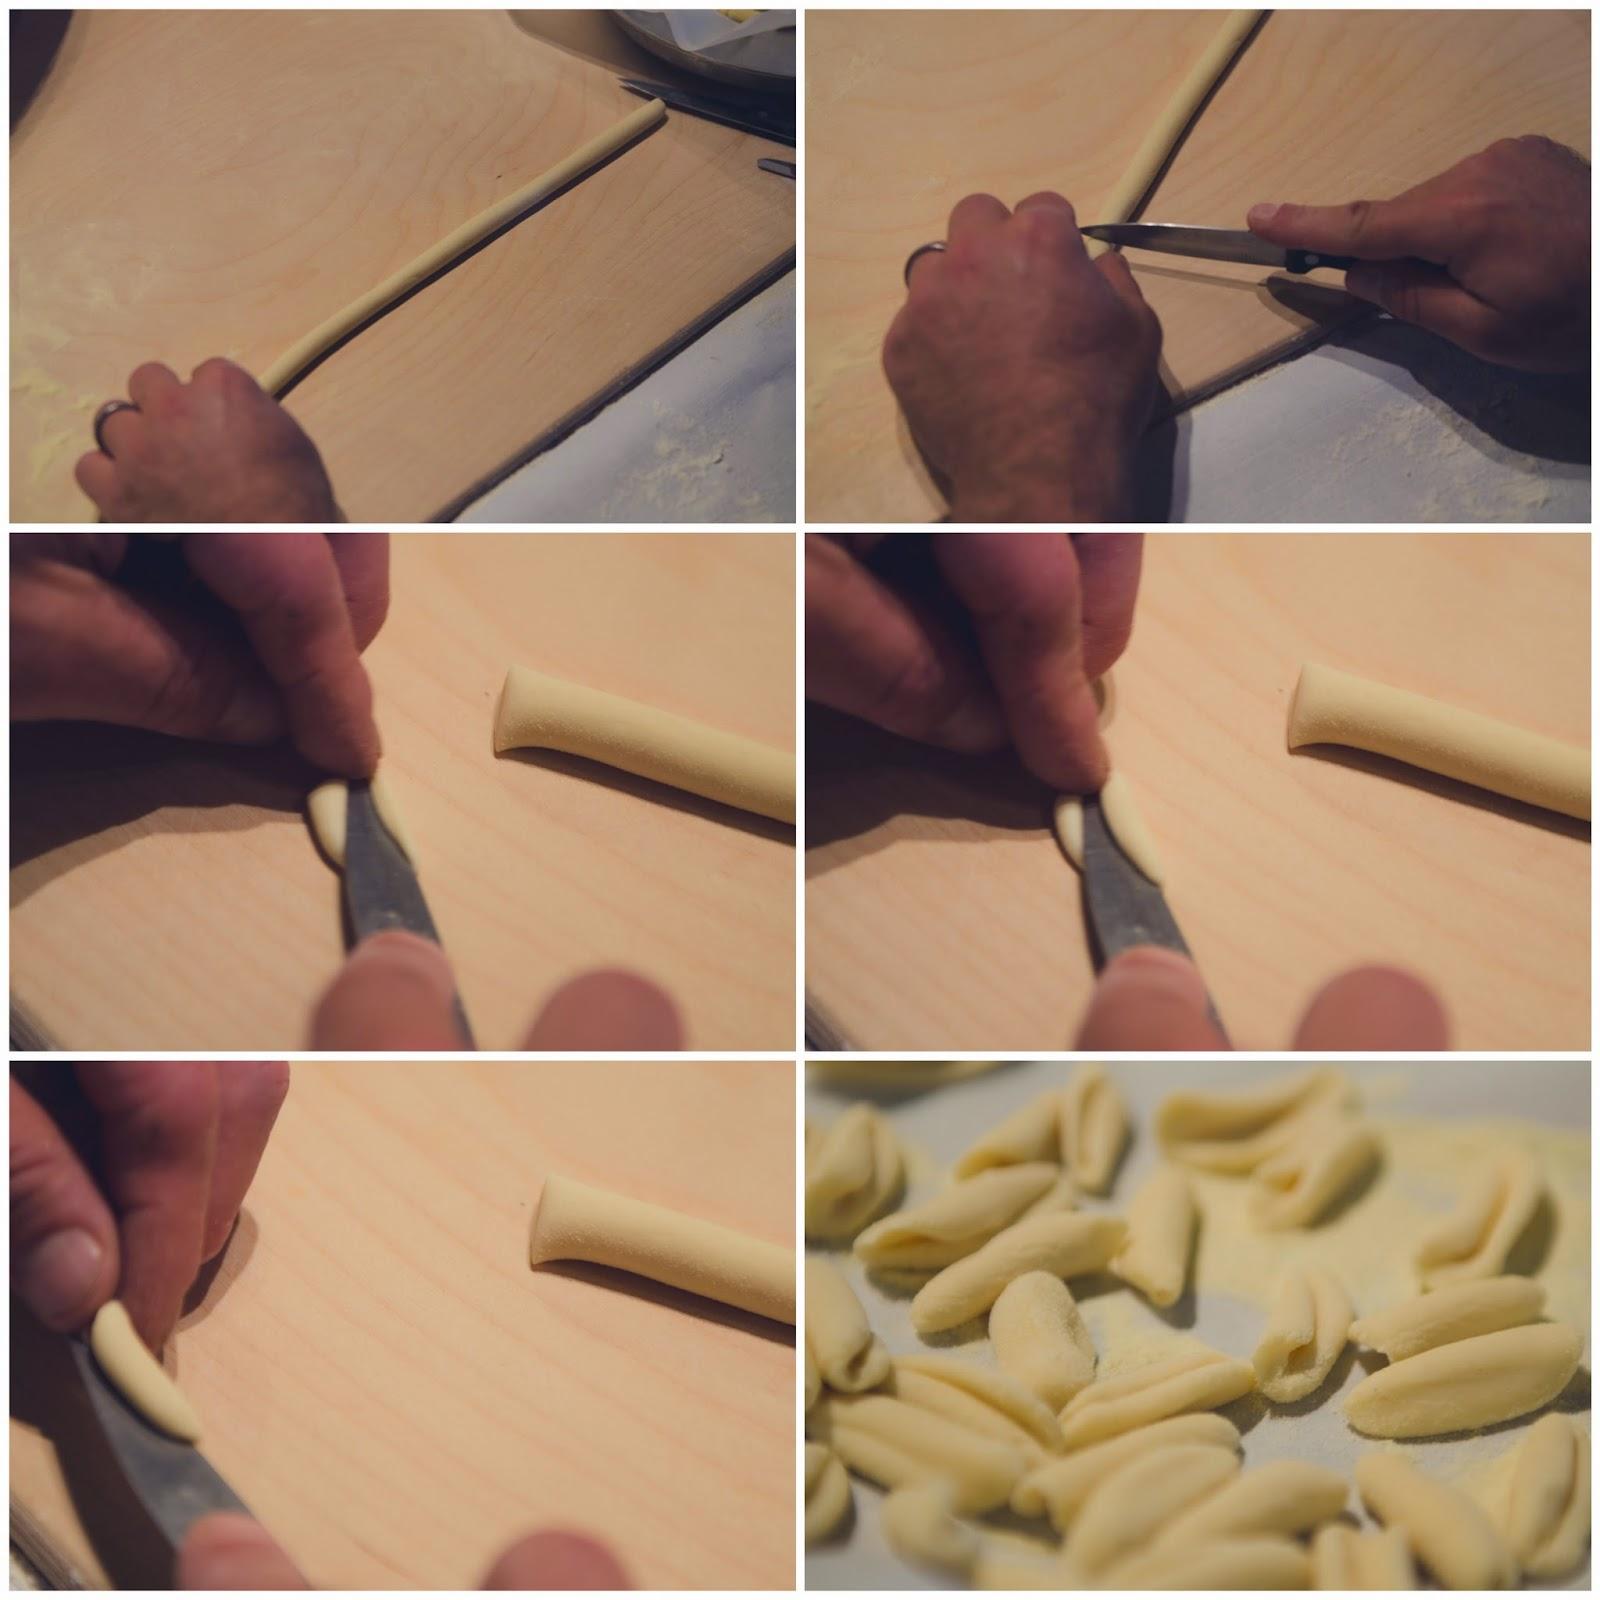 Cavatelli Pasta - Semolina Dough